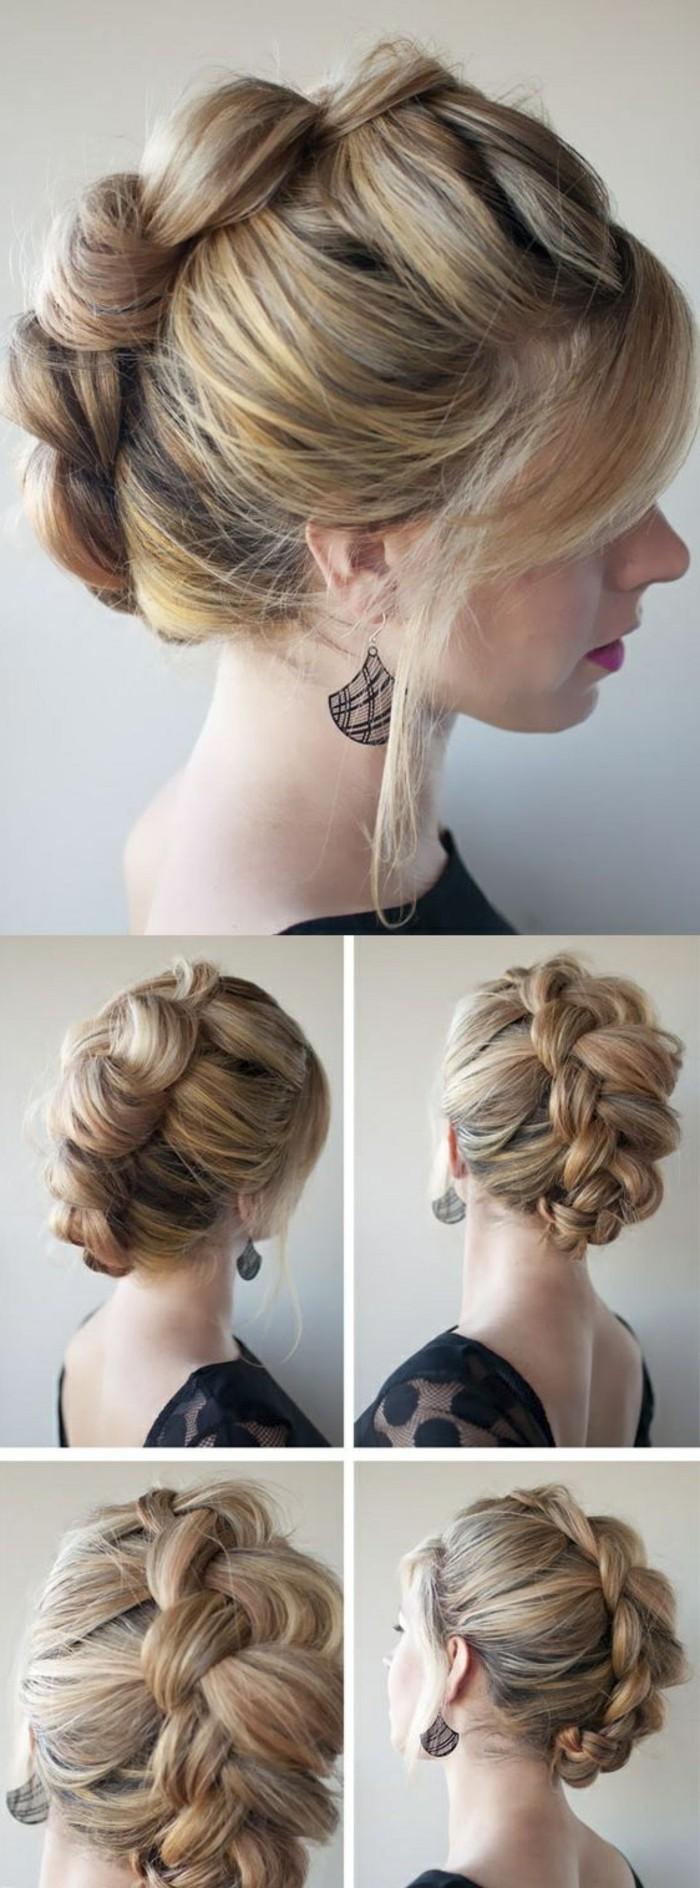 frisuren-damen-blonde-haare-zopf-schwarzer-kleid-schwarze-ohrringe-frau